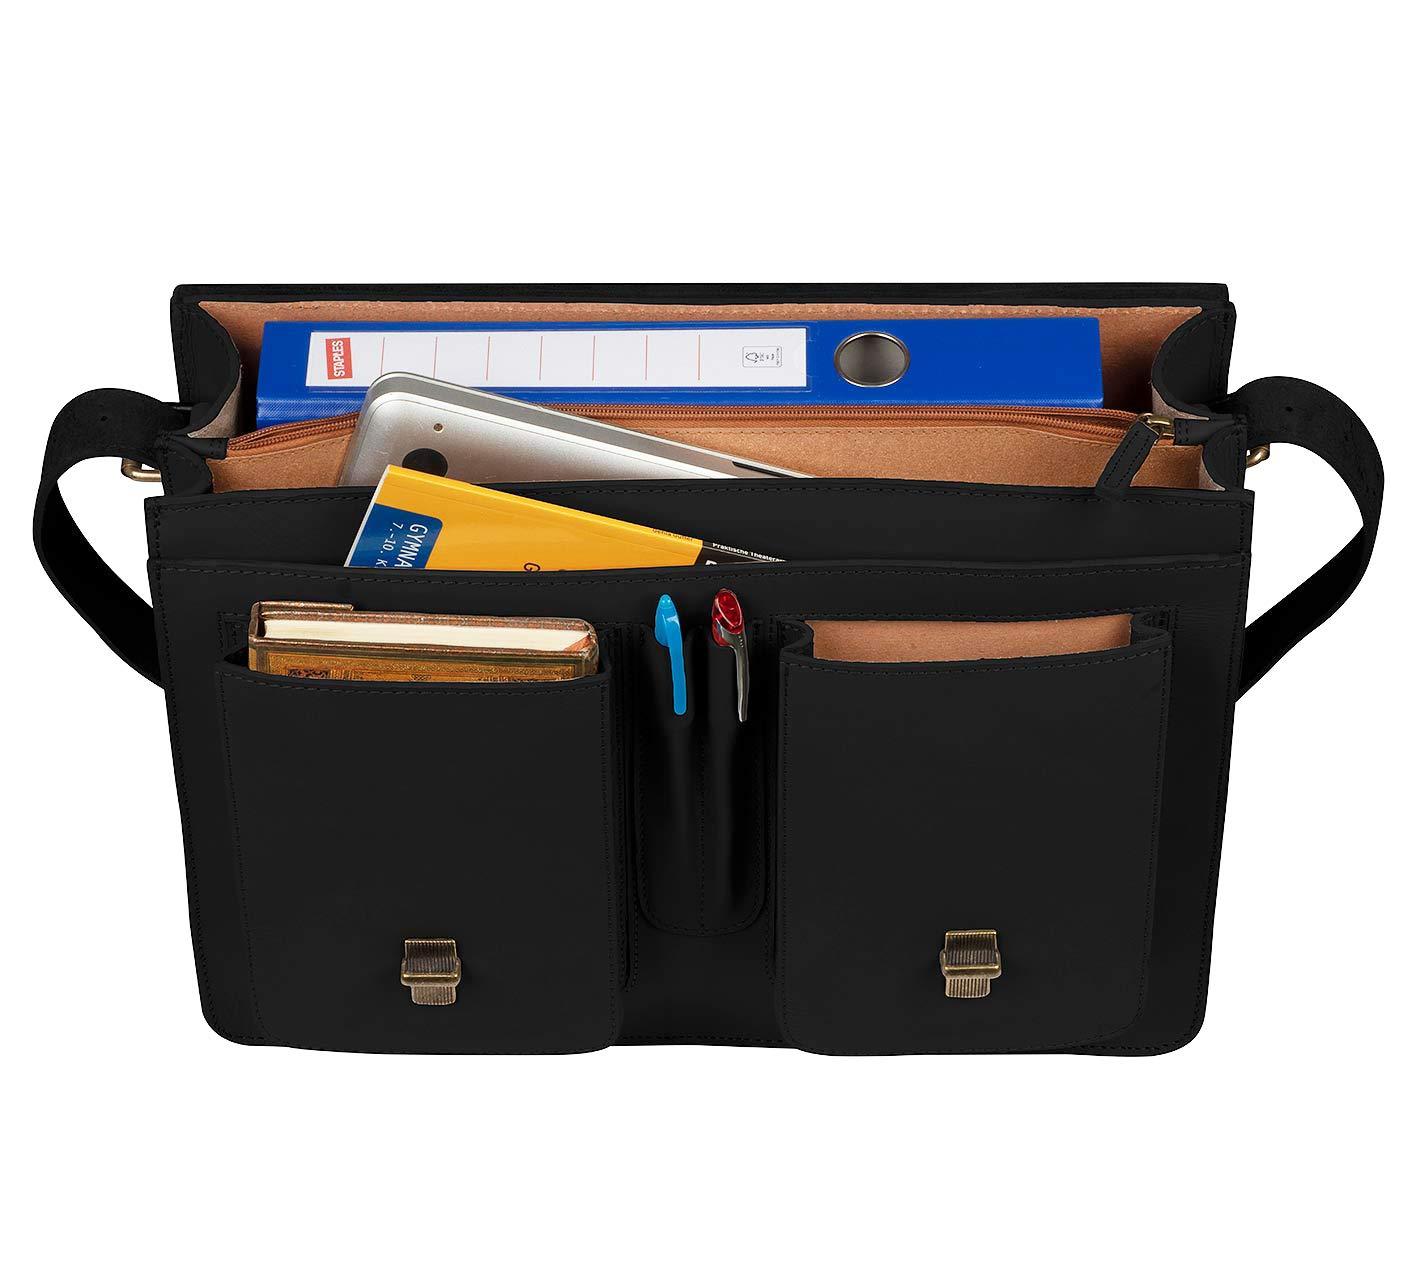 viele Innenf/ächer Black Klassische Lehrertasche /& Aktentasche aus echtem Leder Schoolmaster New Classic Umh/ängetasche f/ür Damen /& Herren